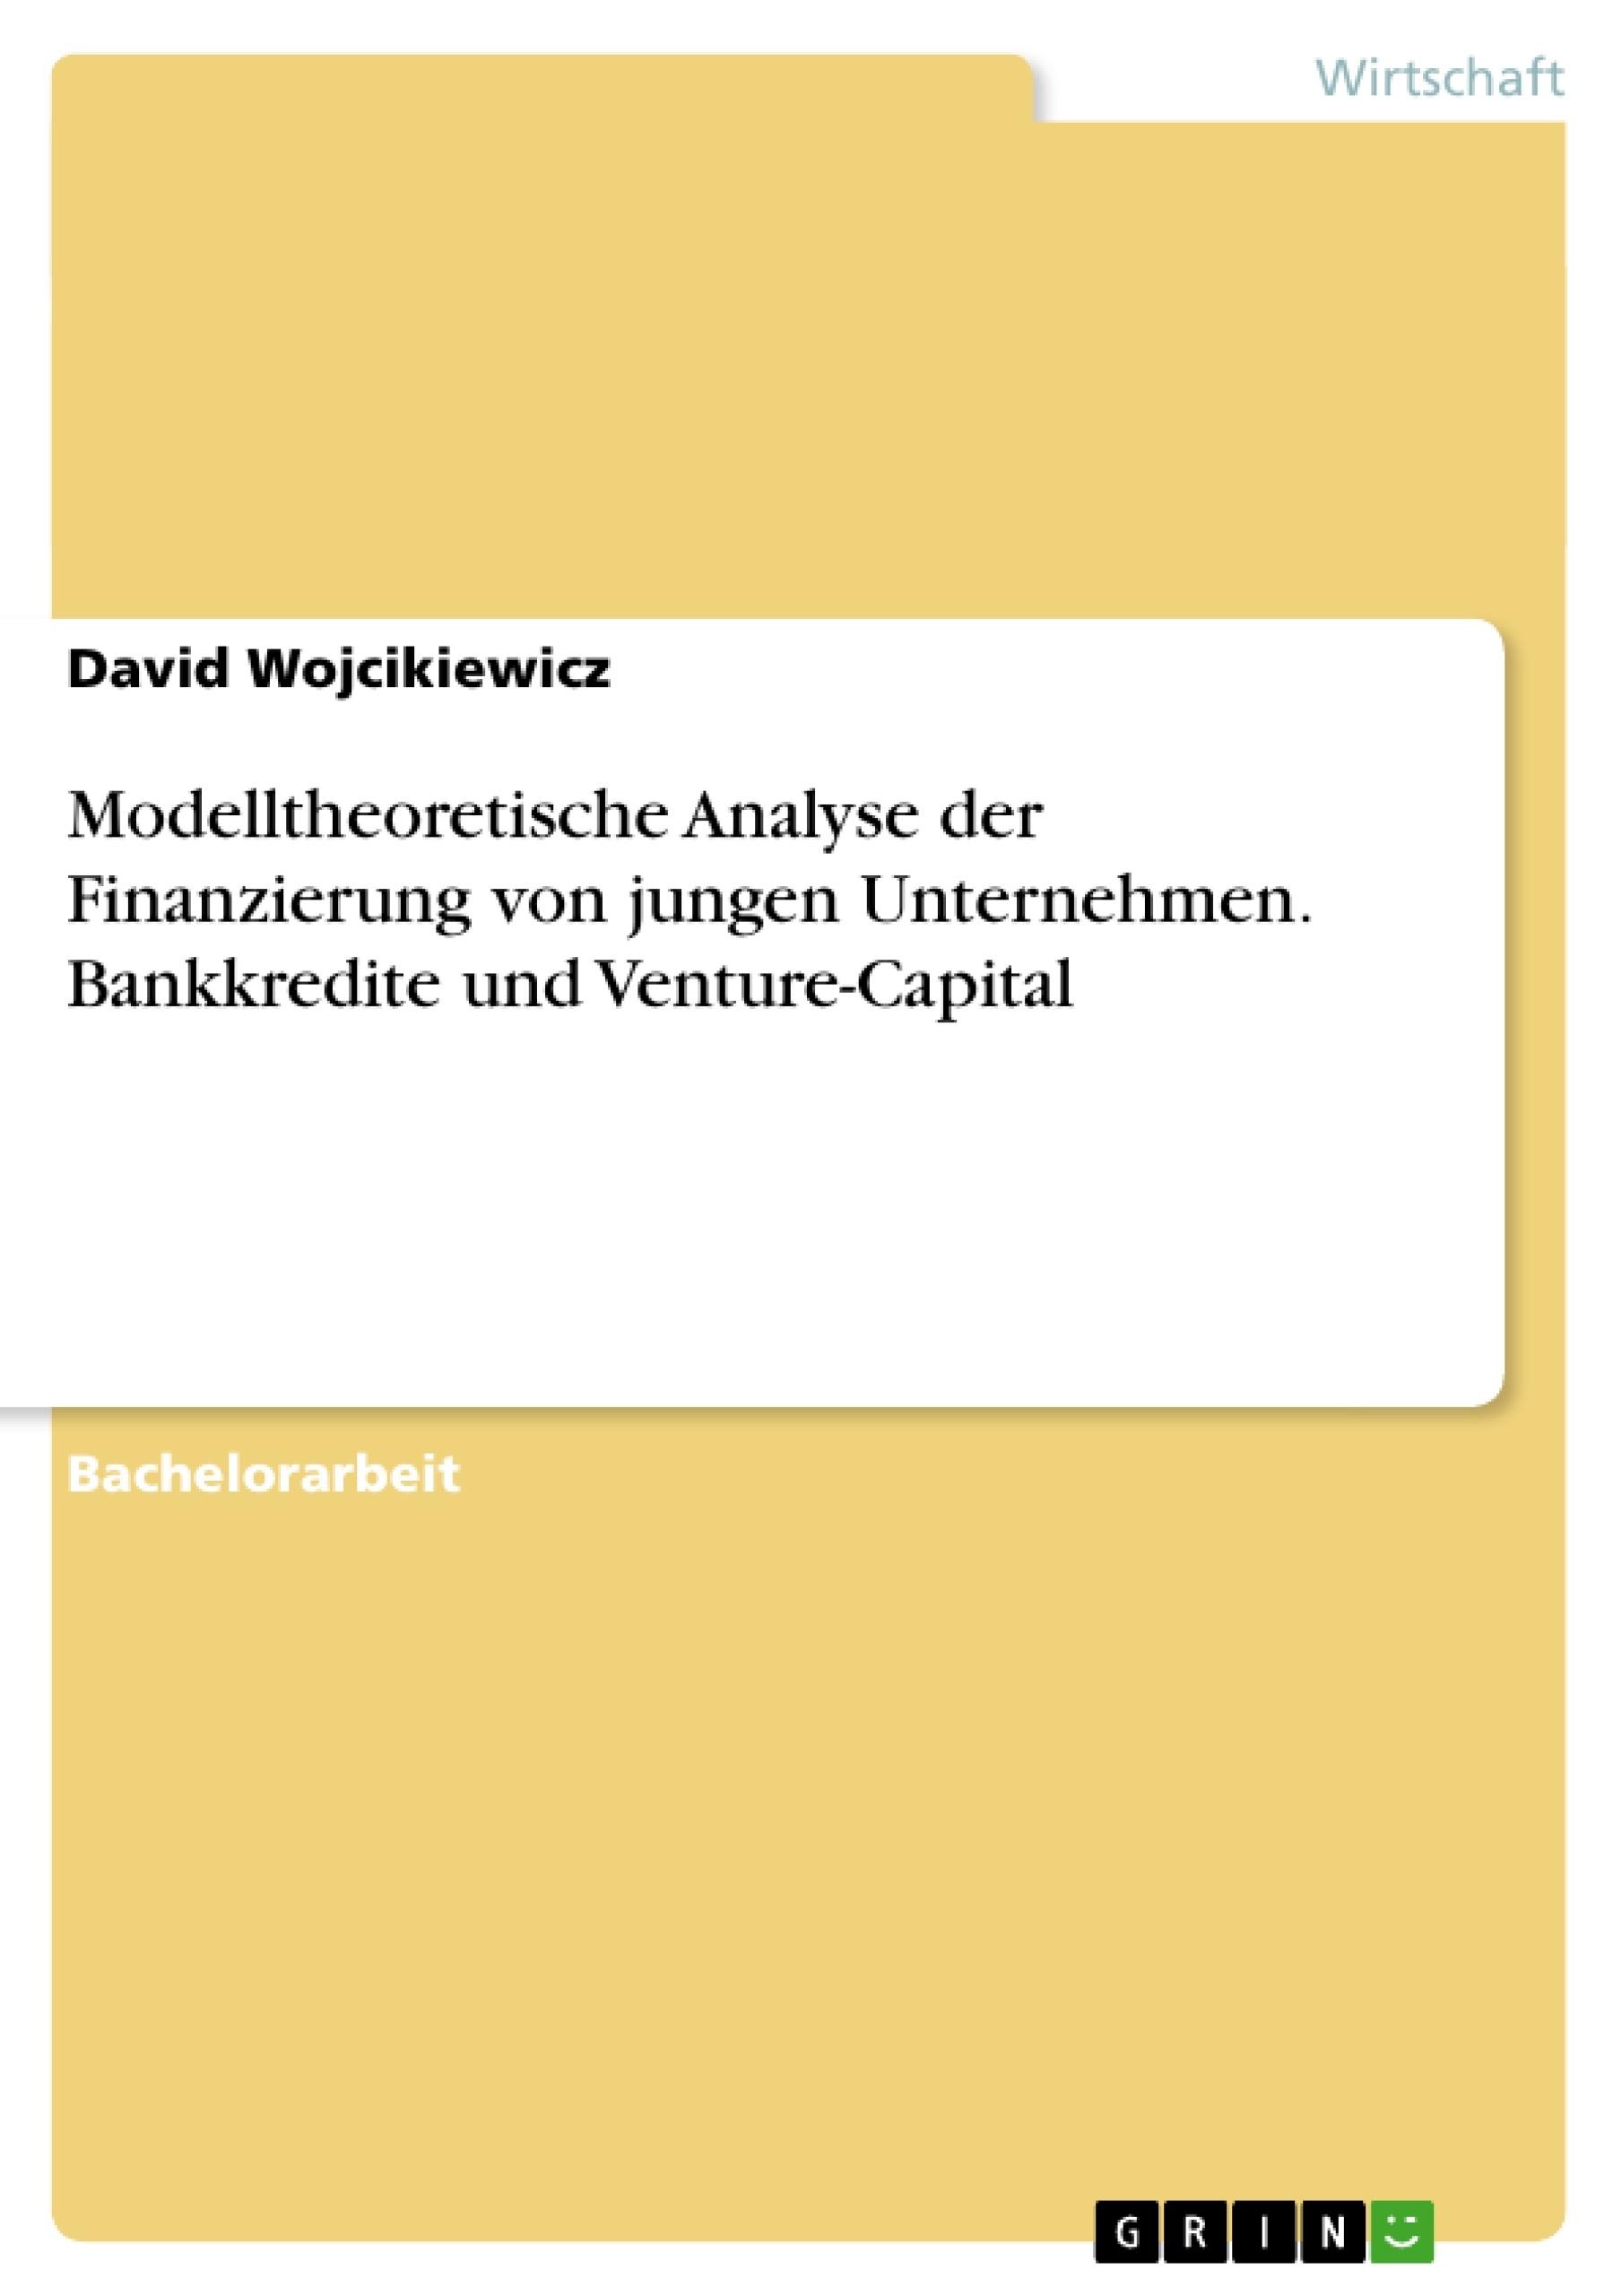 Titel: Modelltheoretische Analyse der Finanzierung von jungen Unternehmen. Bankkredite und Venture-Capital